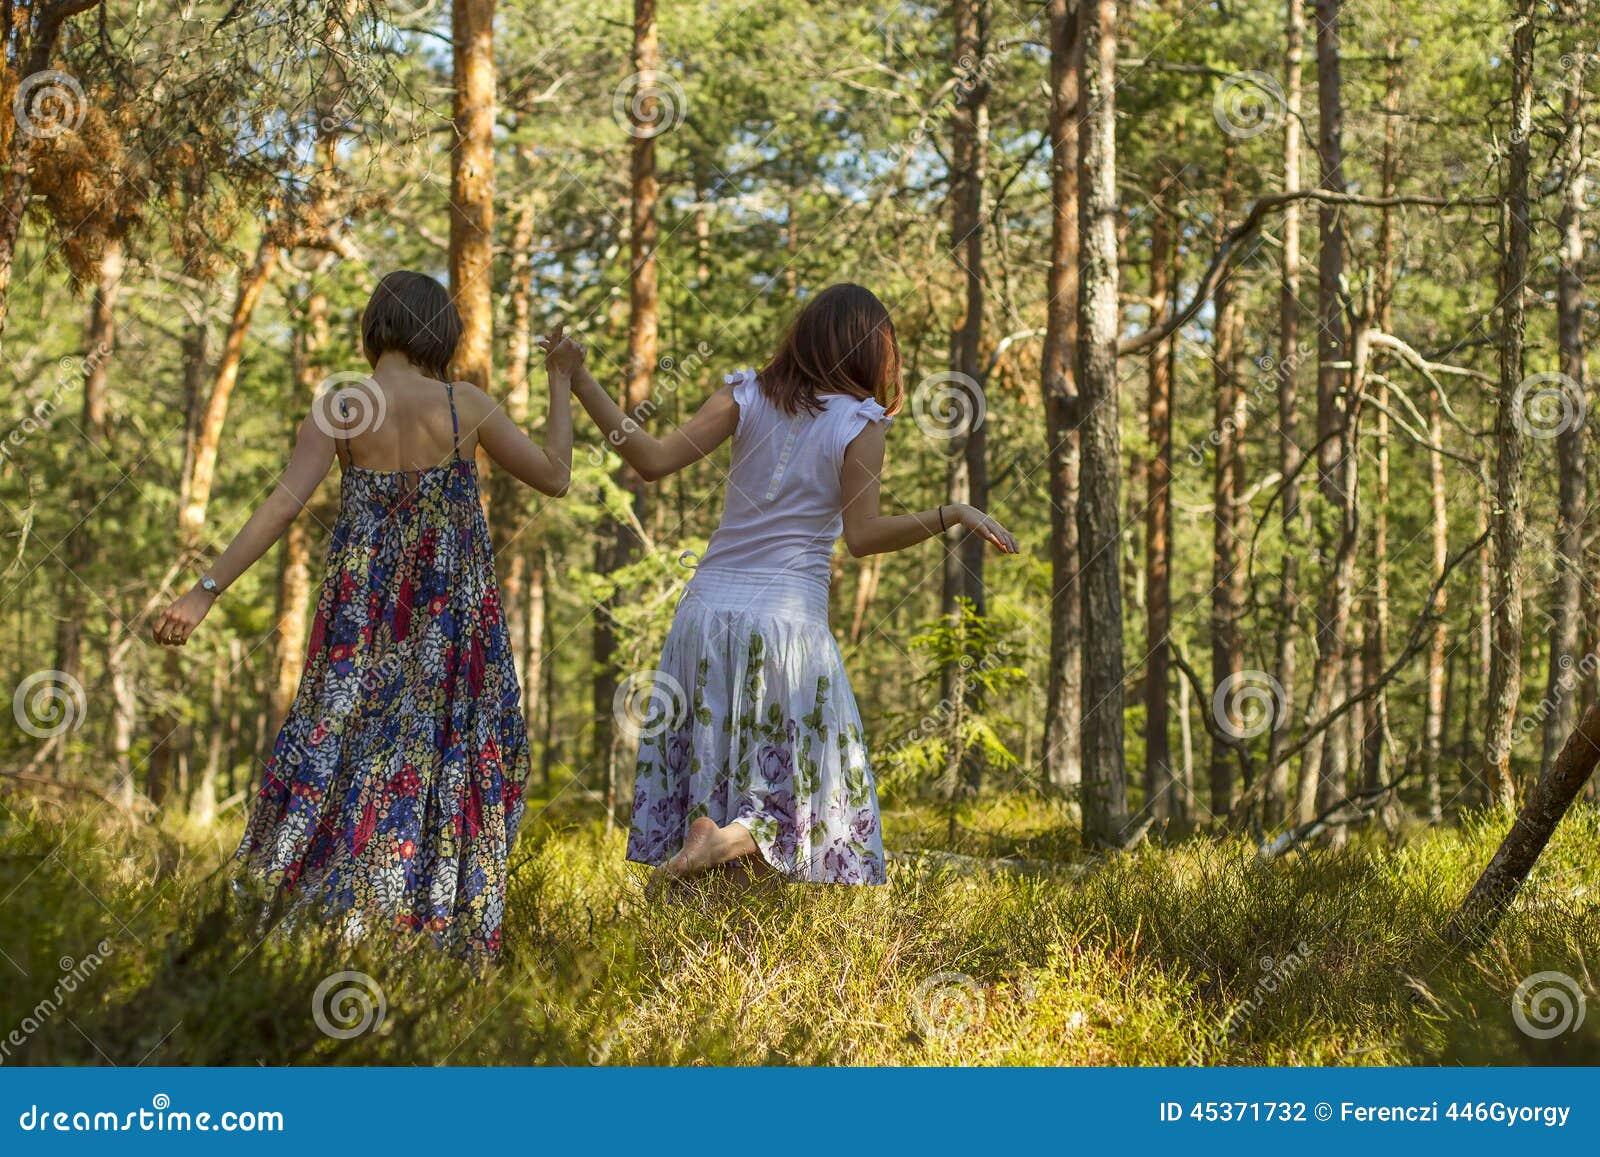 Deux femmes marchant dans la forêt